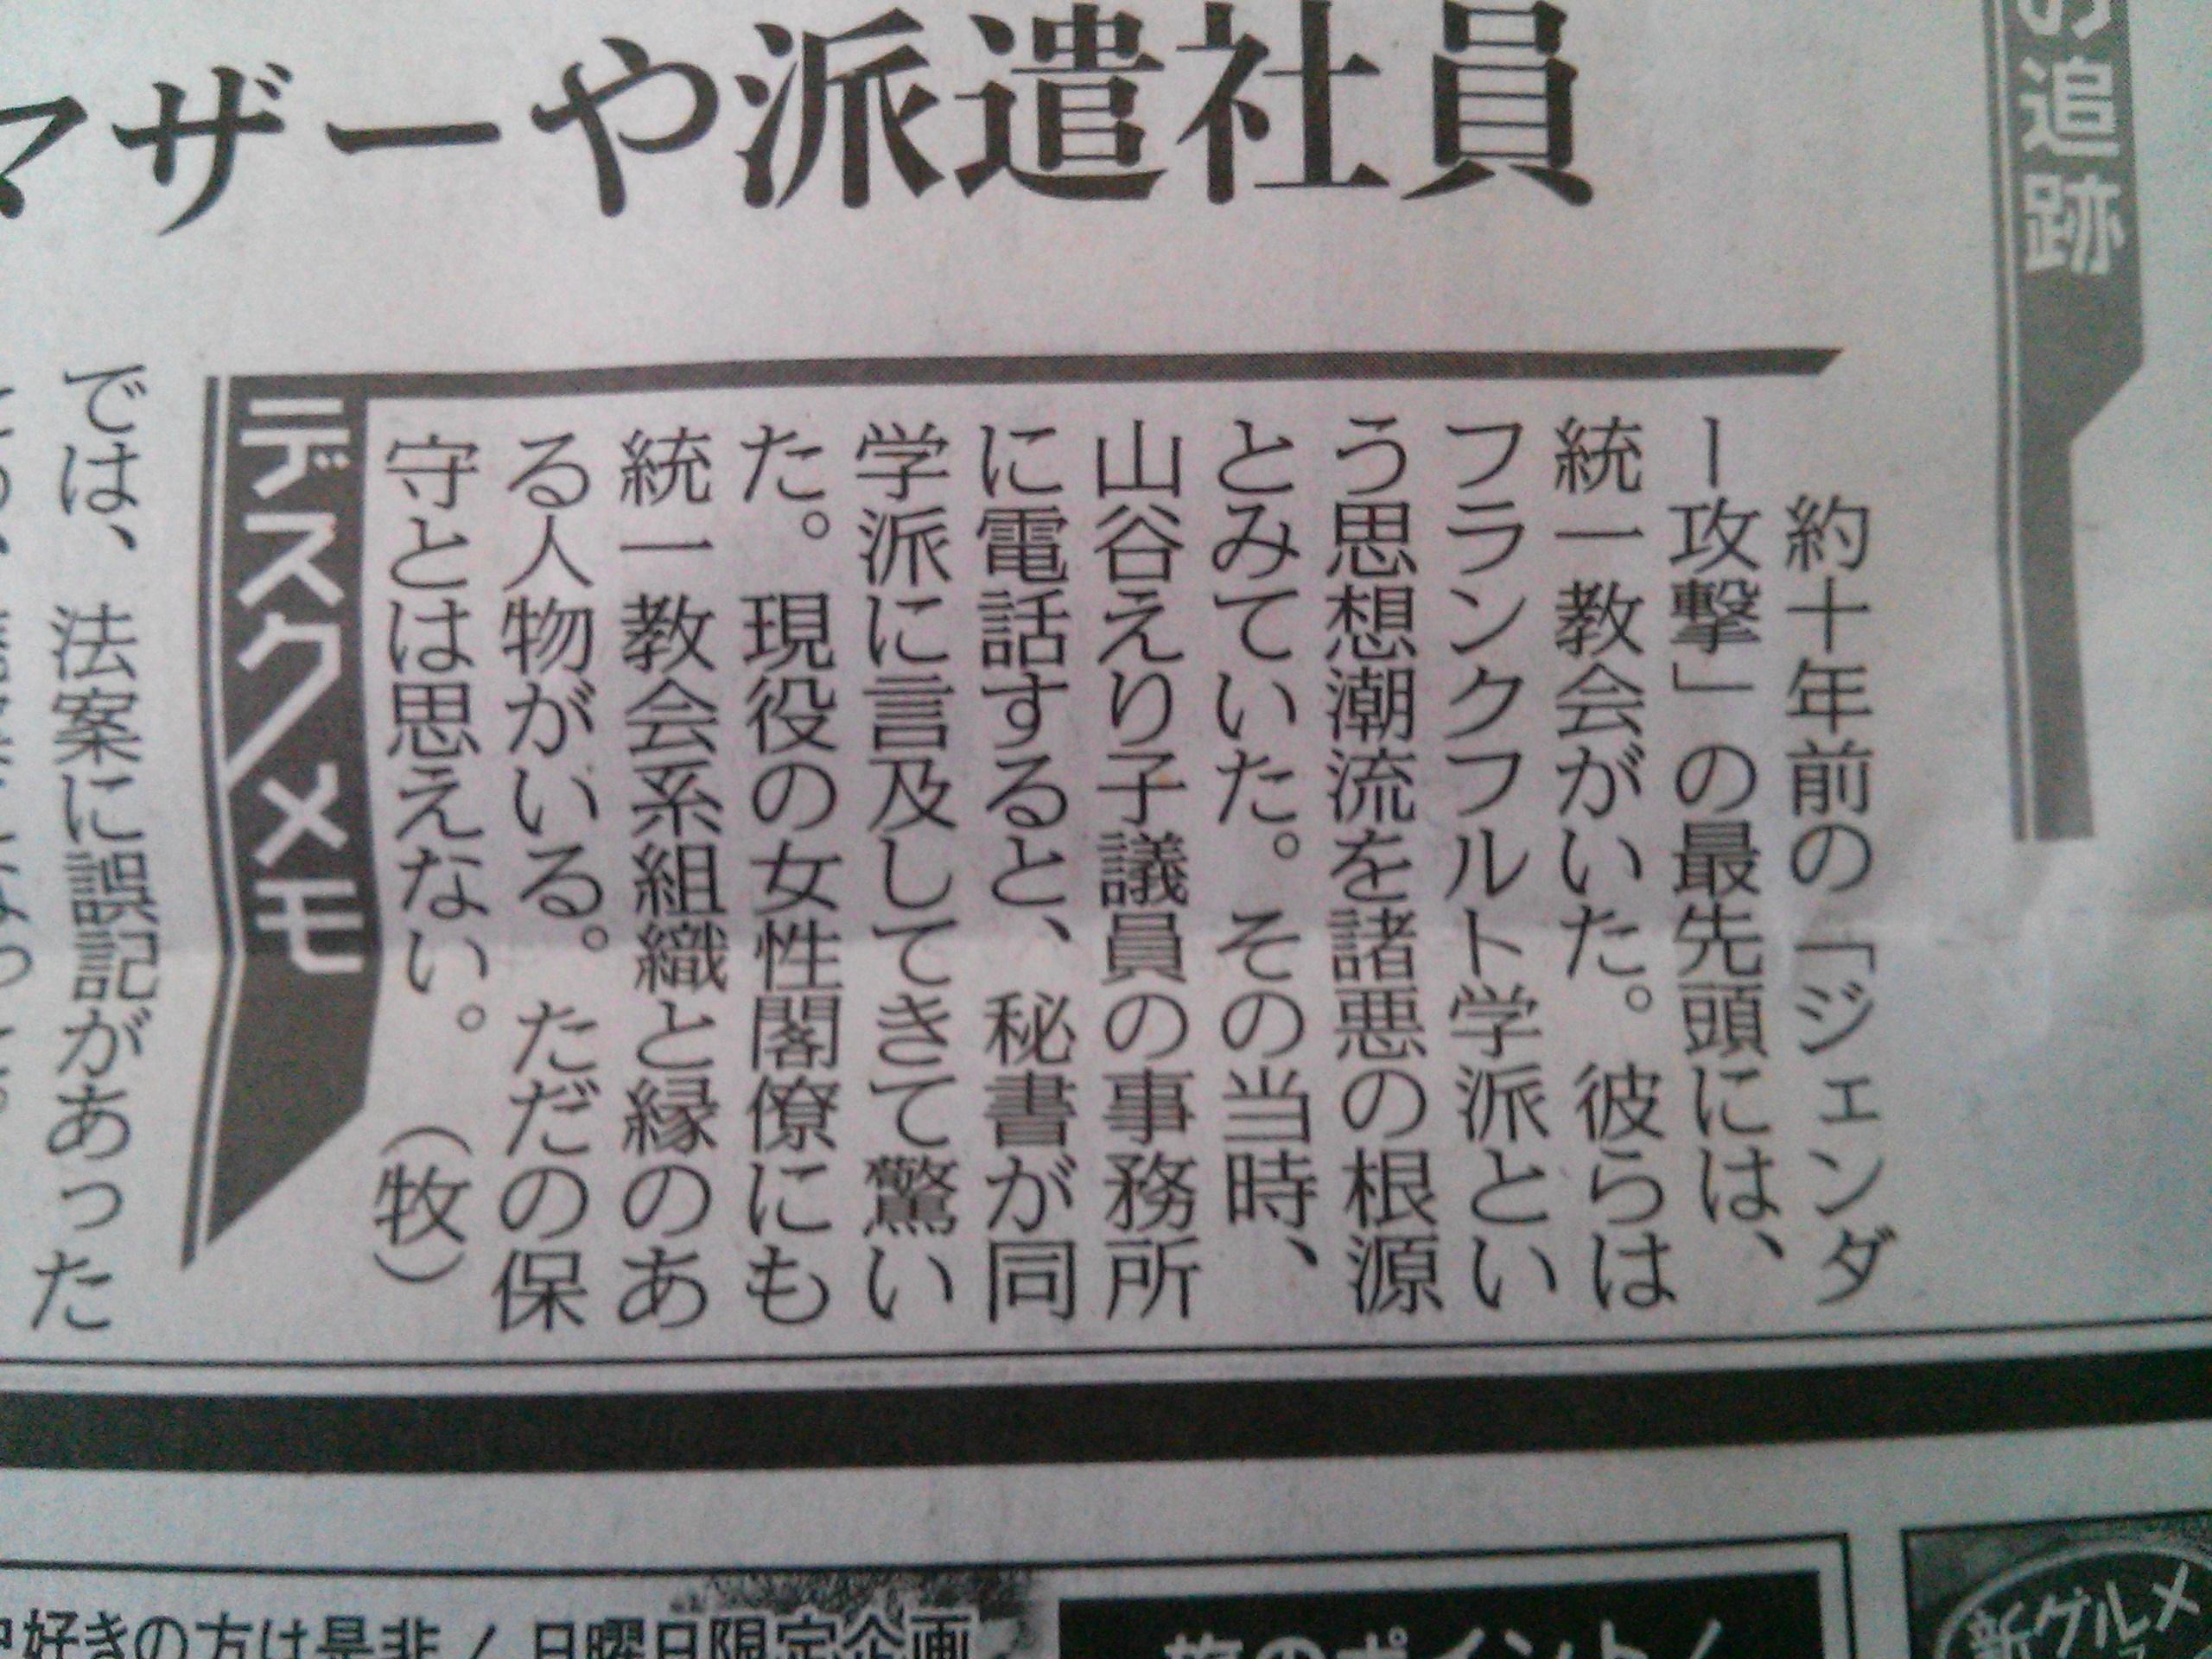 山谷えり子 統一教会報道 東京新聞